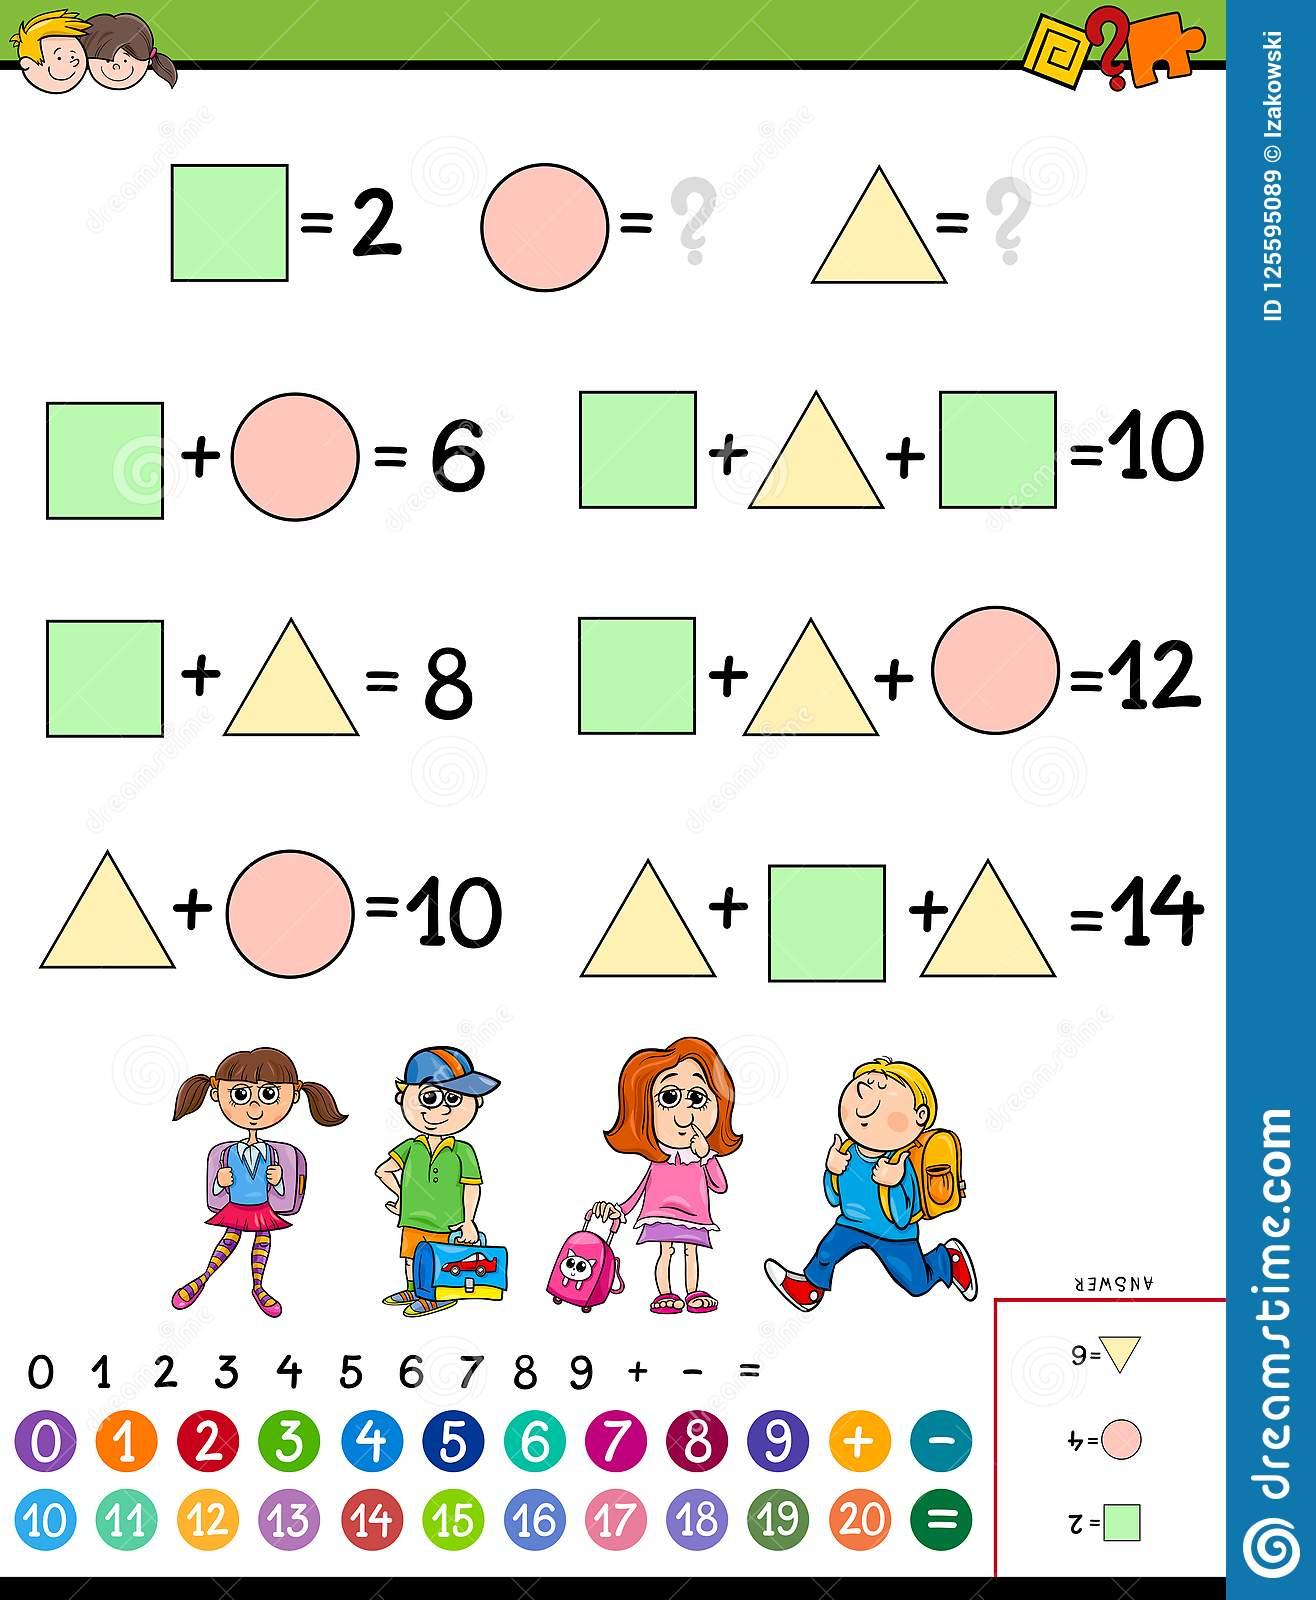 Jeu Éducatif De Calcul De Maths Pour Des Enfants encequiconcerne Jeu Calcul Enfant